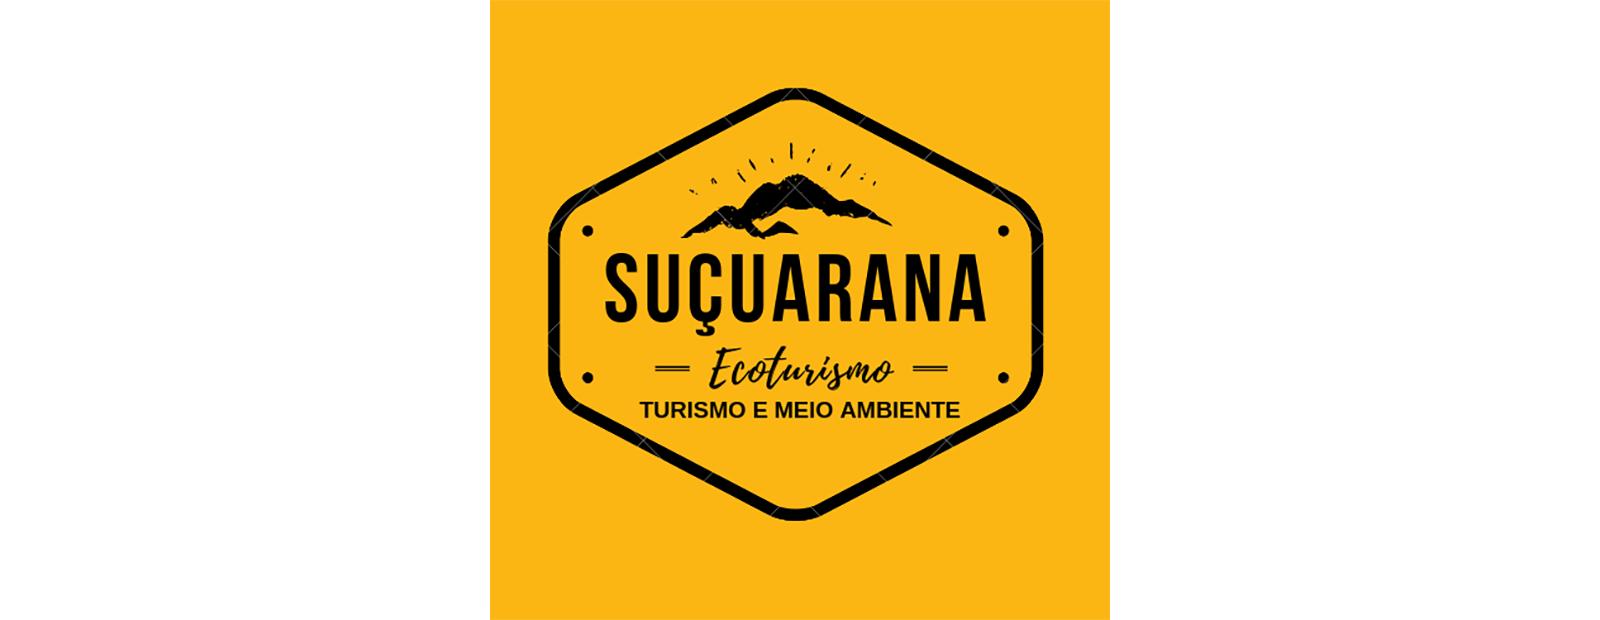 sucuarana01